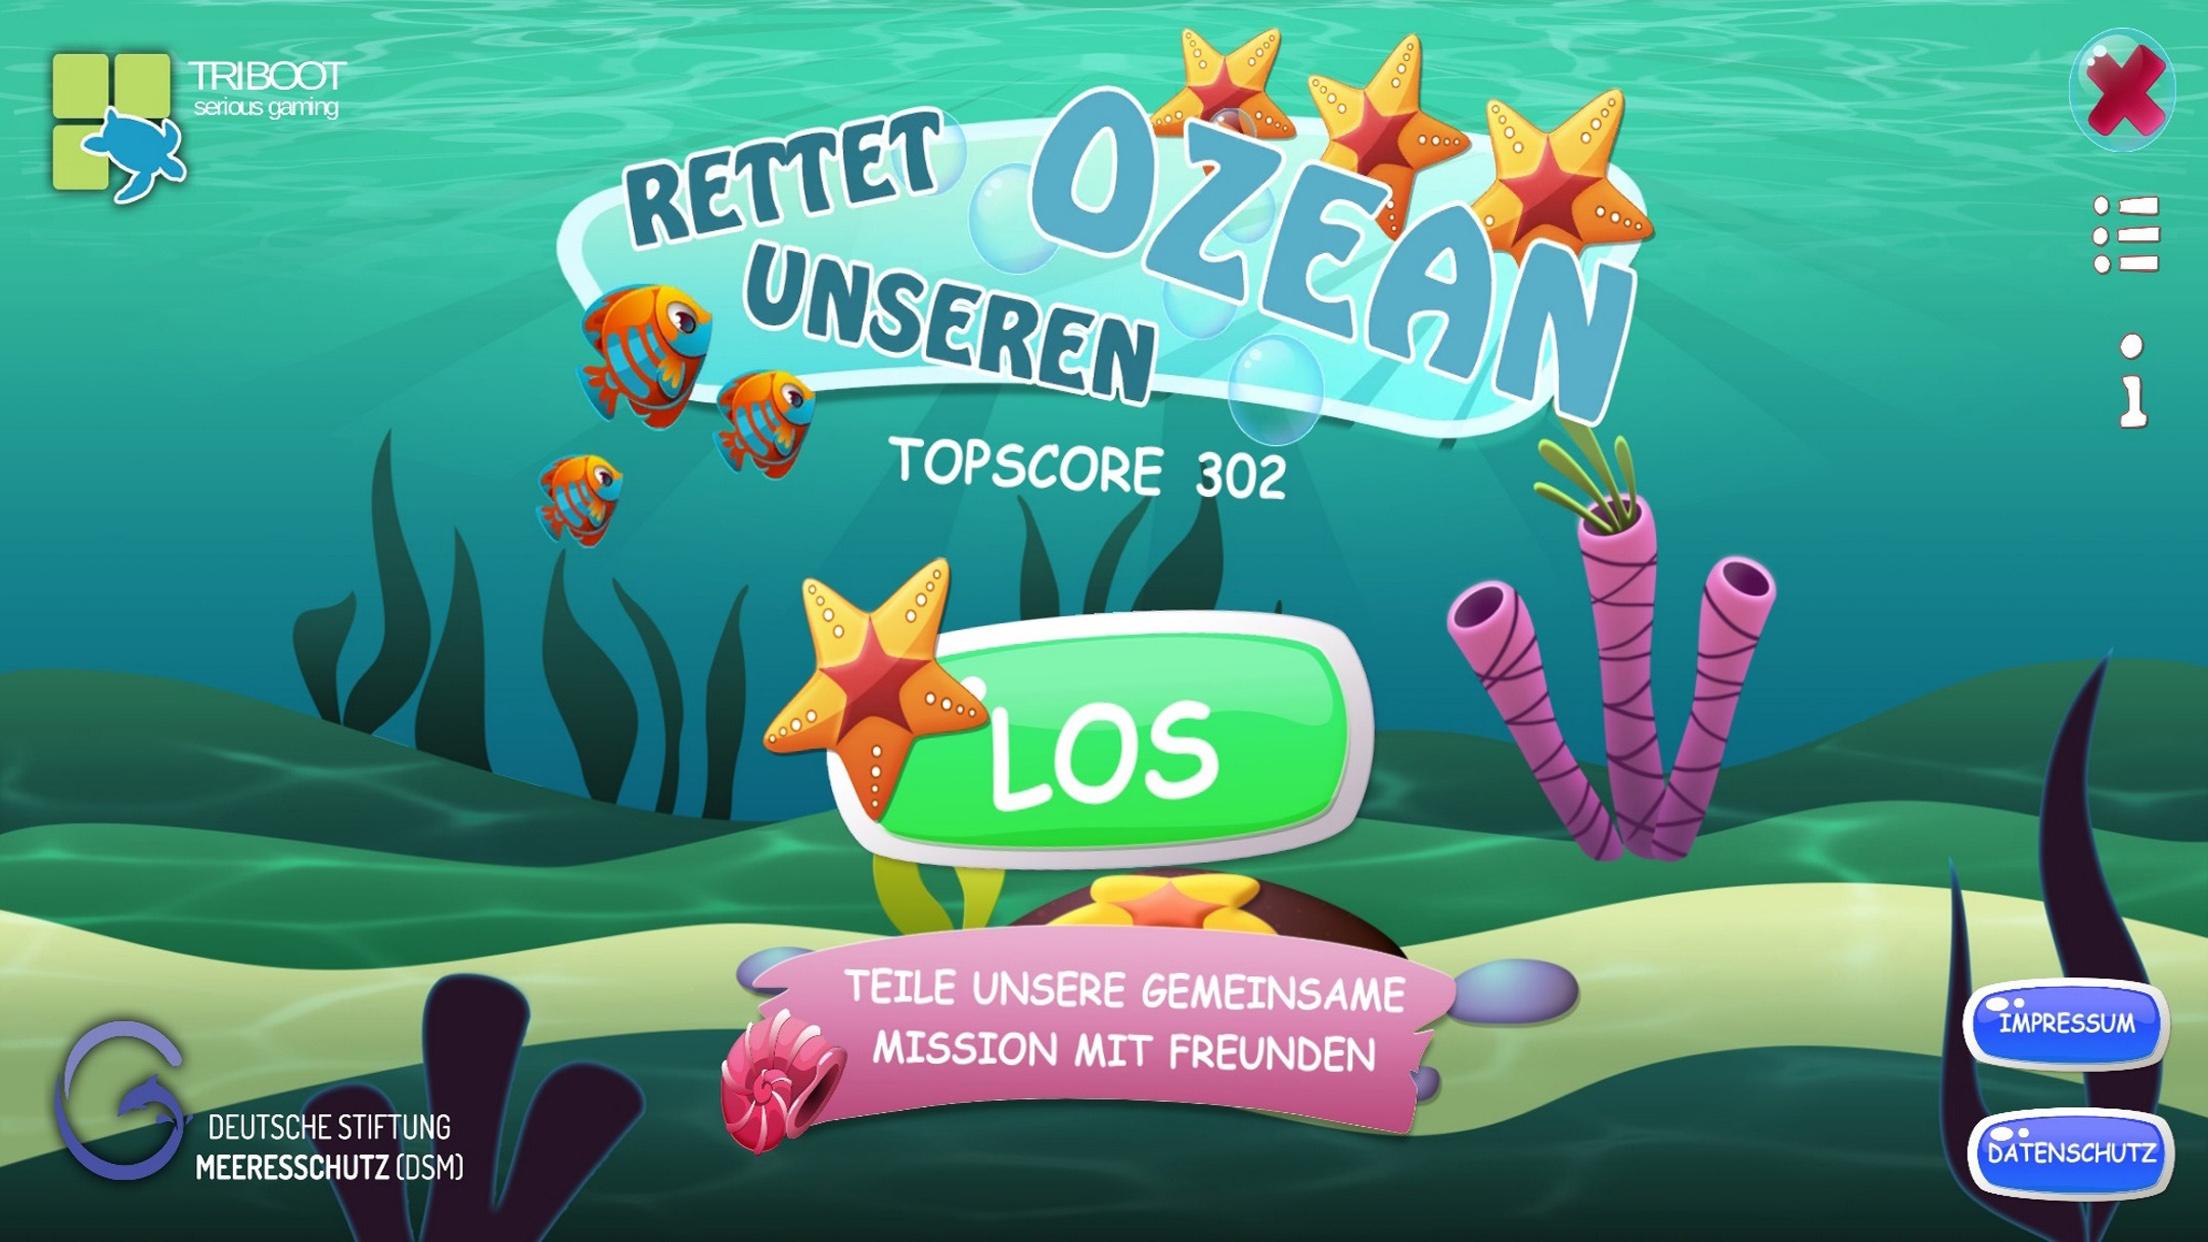 Rettet unseren Ozean Startbildschirm